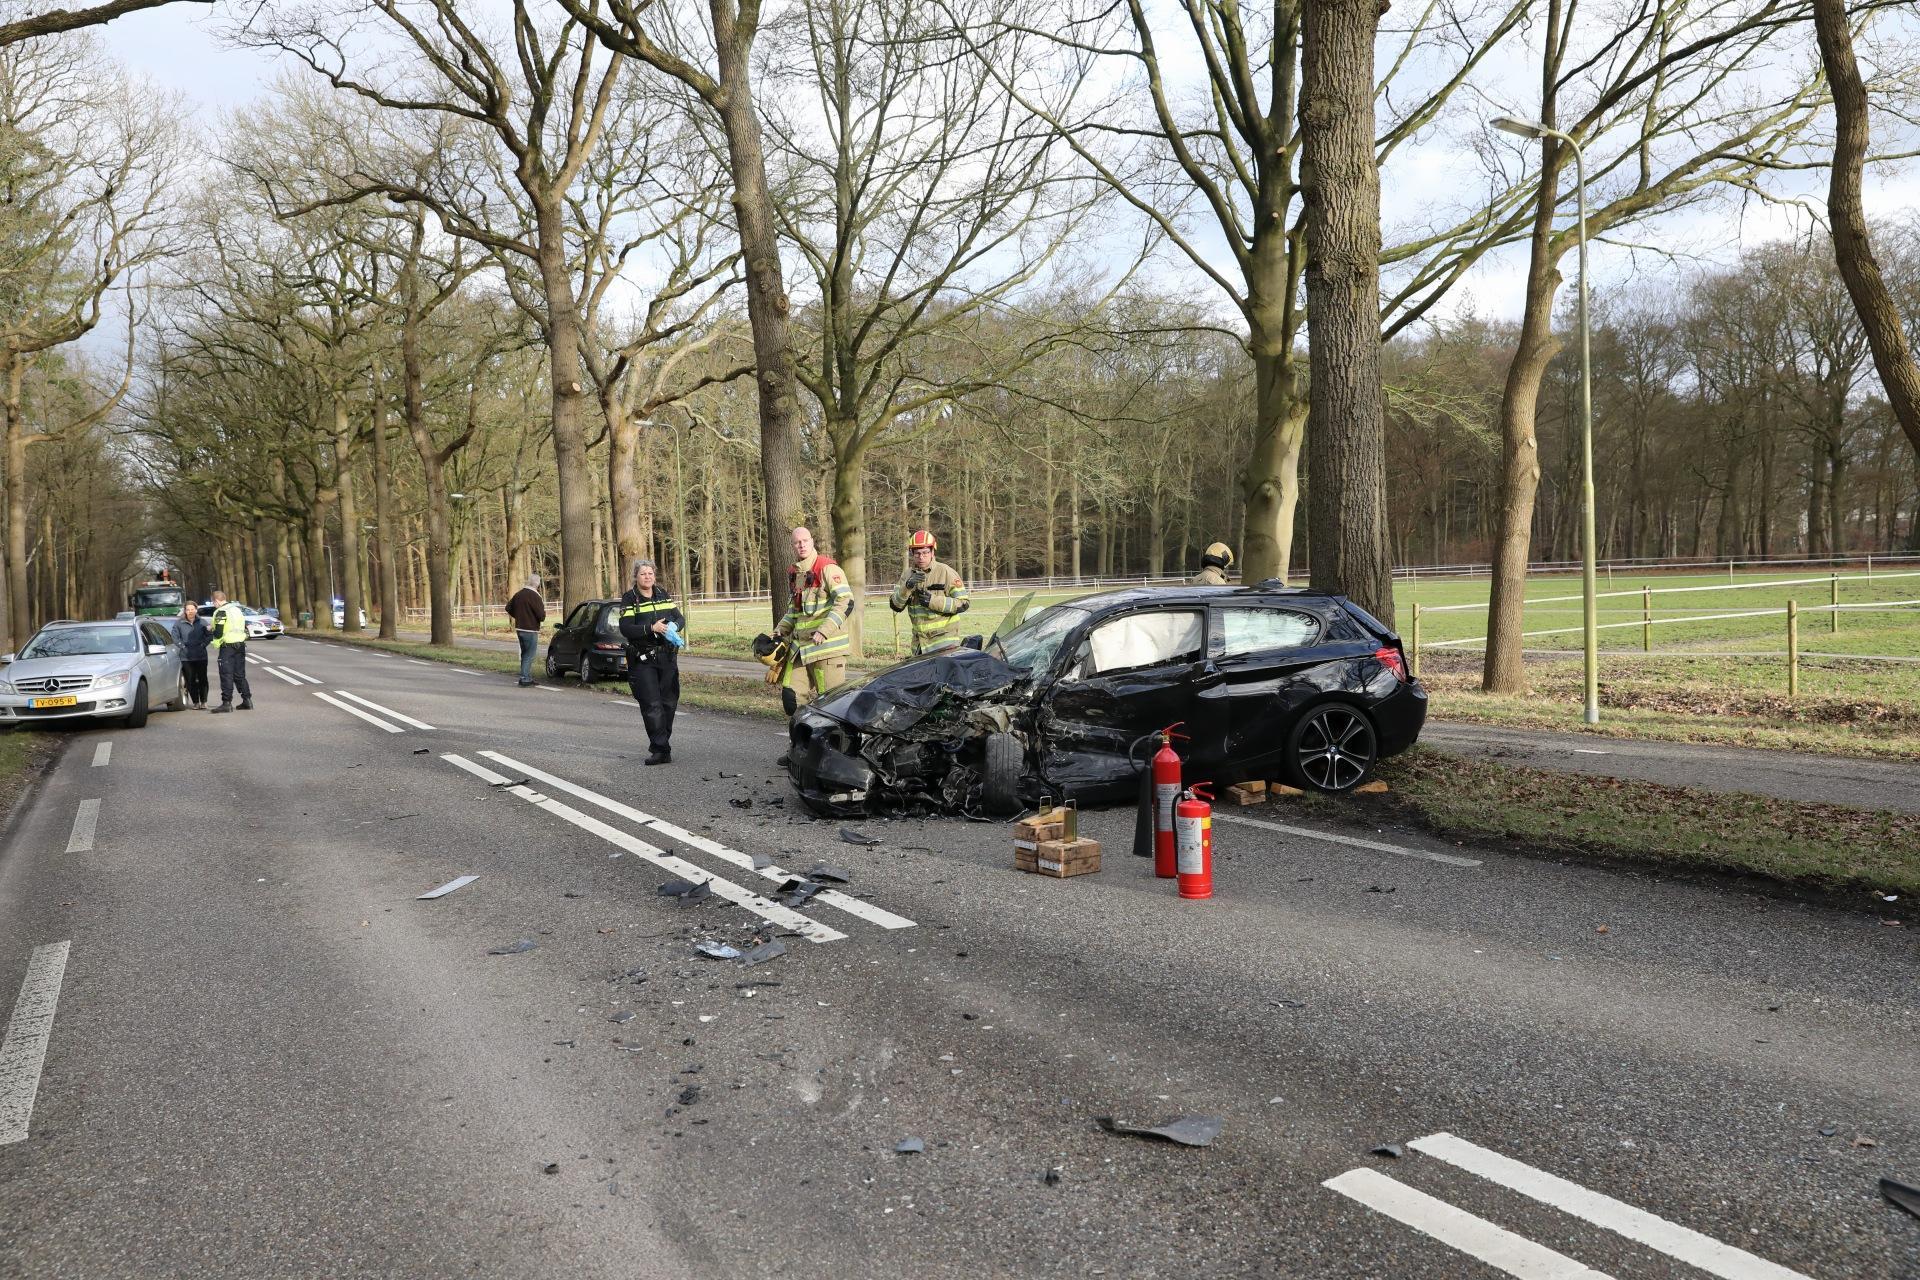 Man zwaargewond bij ongeluk tussen personenwagen en vrachtwagen in Soest, traumahelikopter ter plaatse